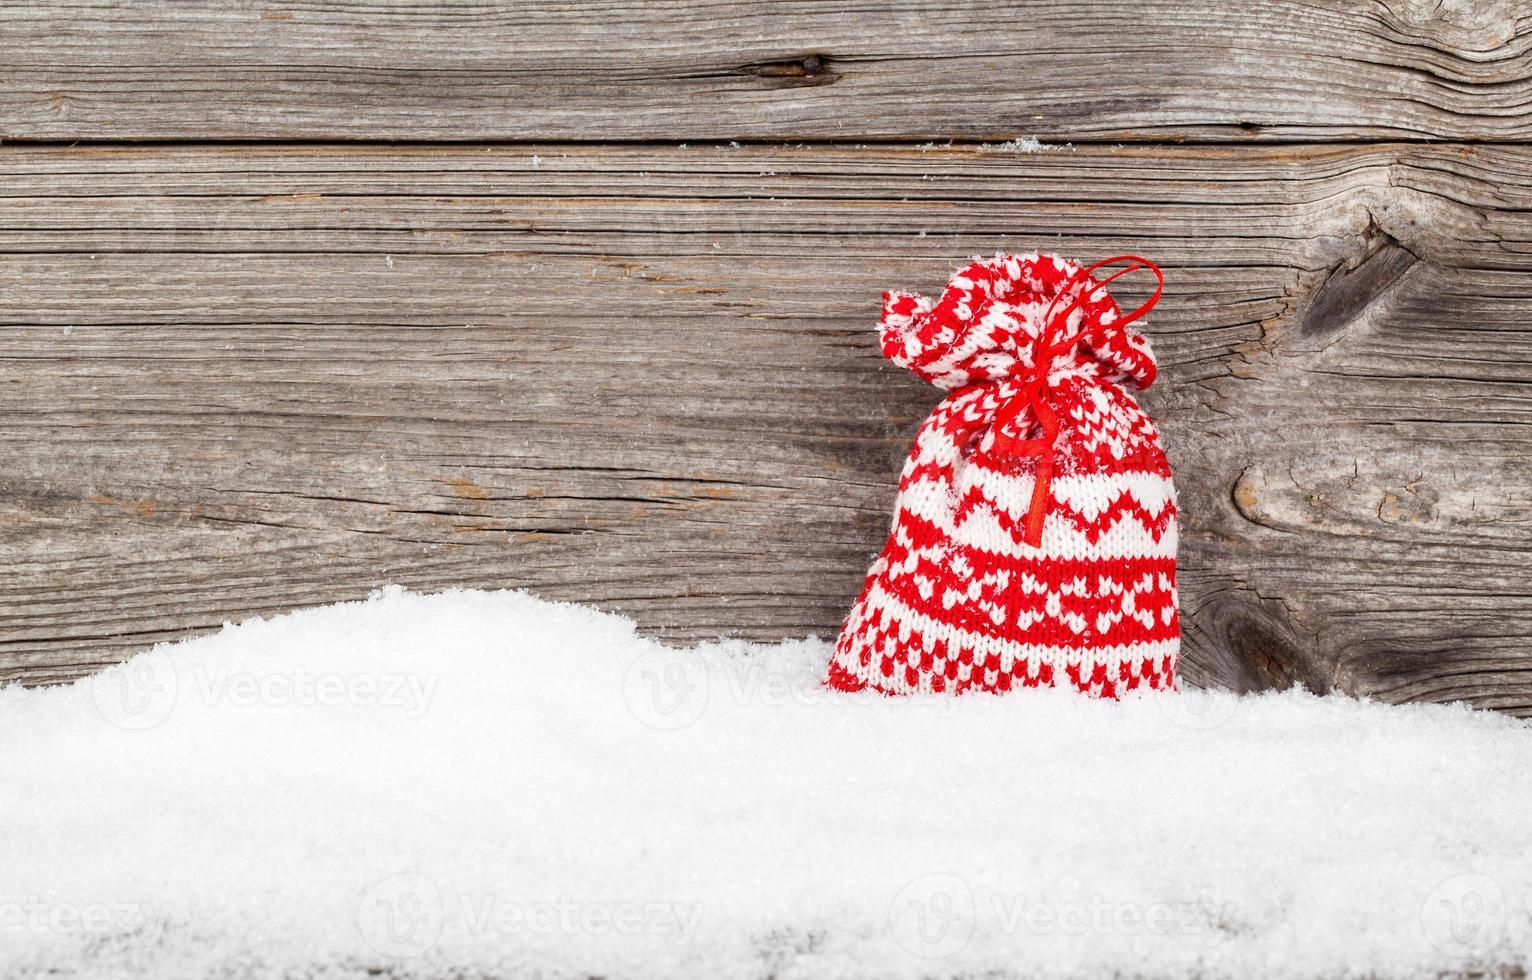 sacos de presente com neve do inverno foto